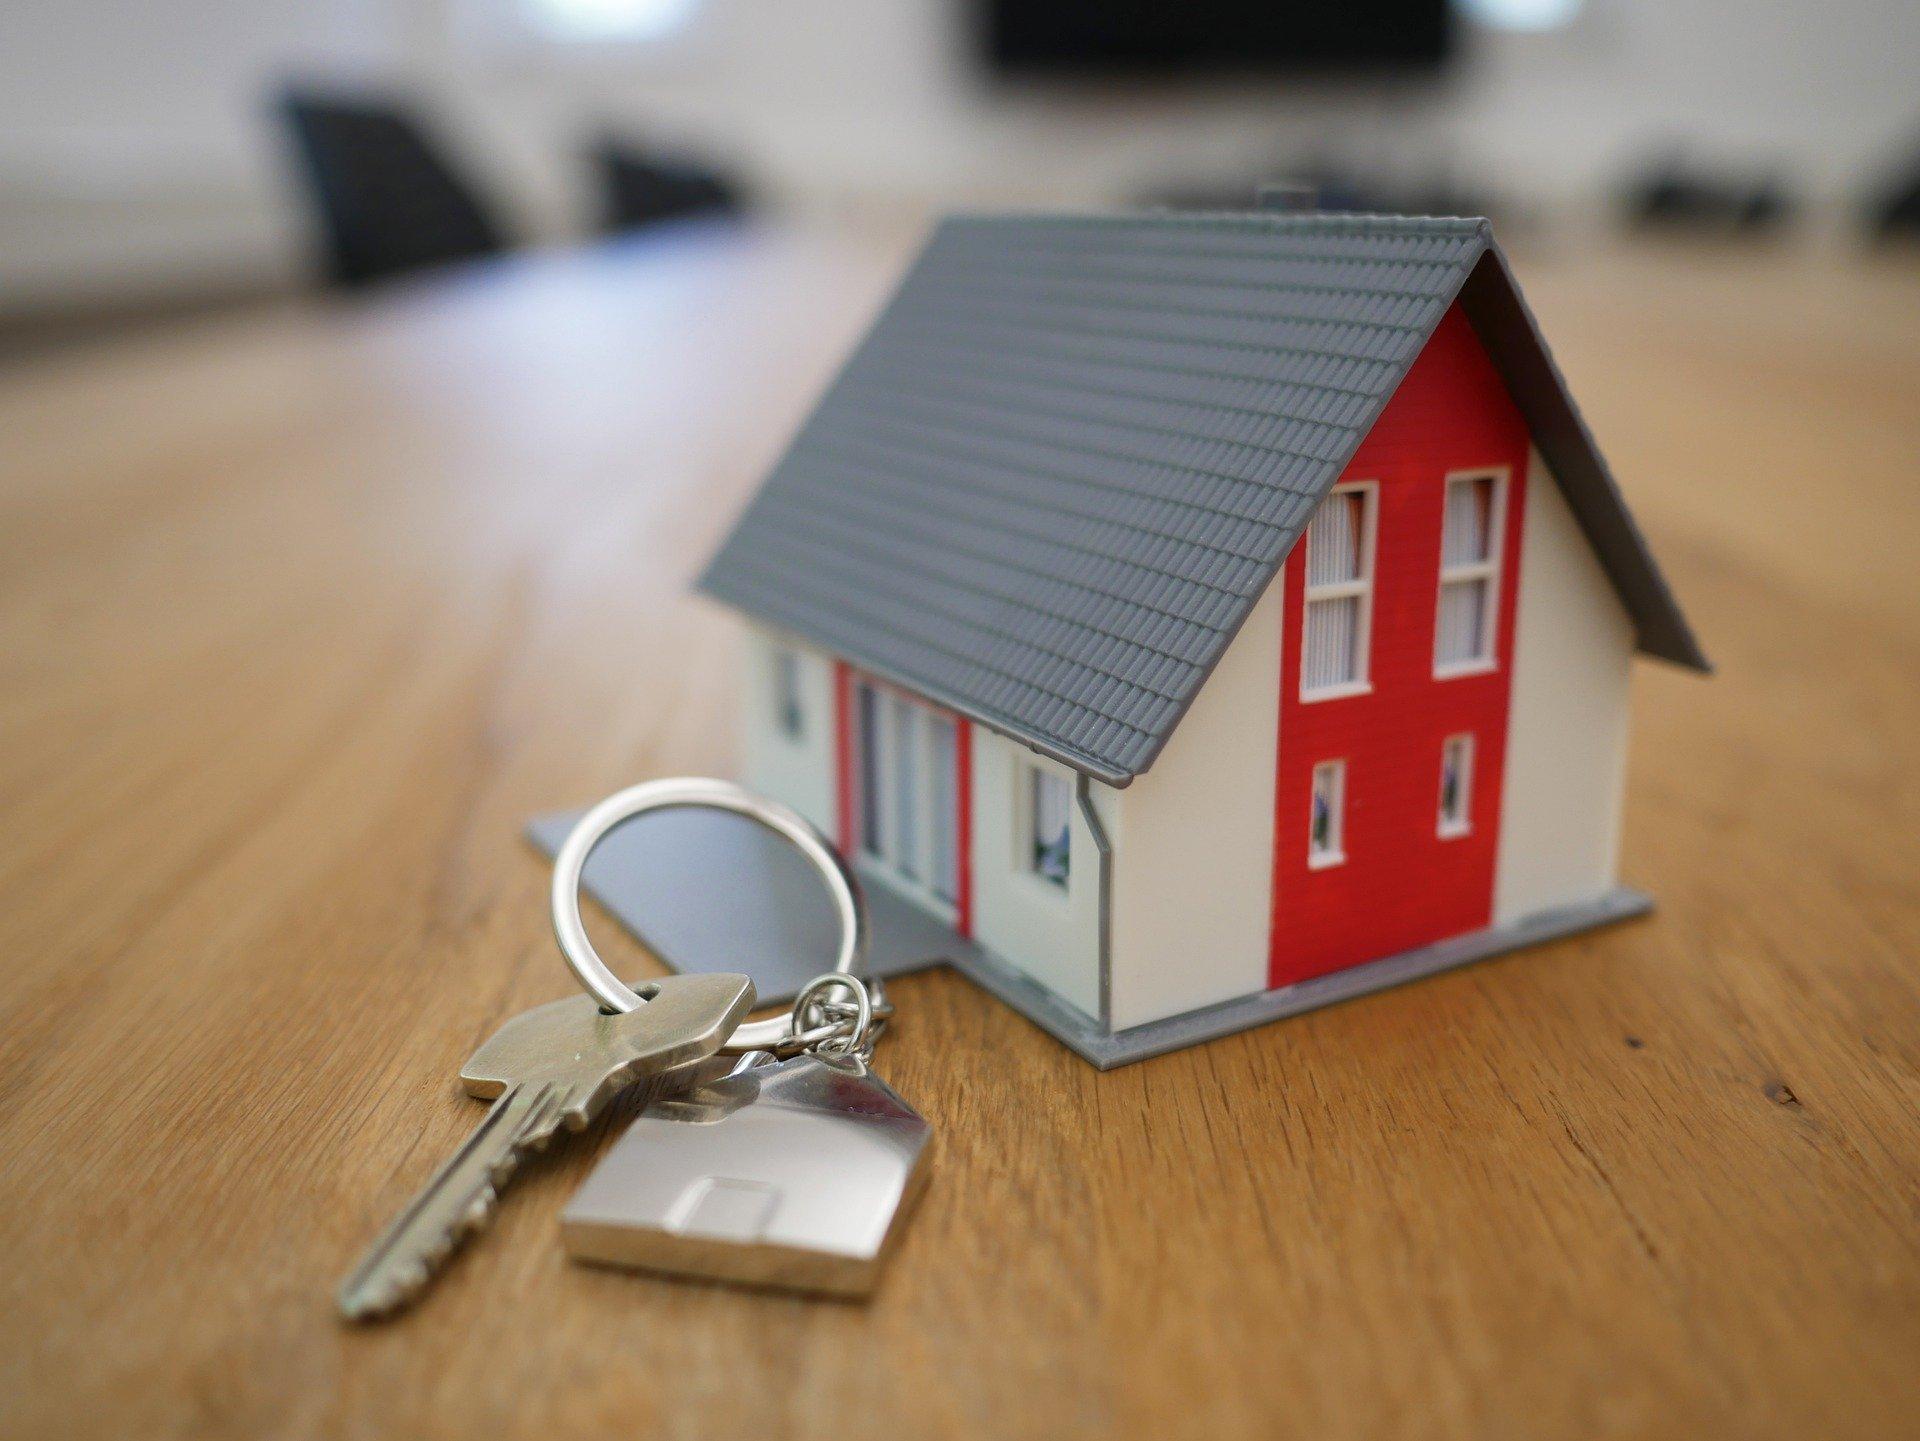 Huizenkopers wijken uit naar Overijssel, Groningen, Flevoland en Drenthe